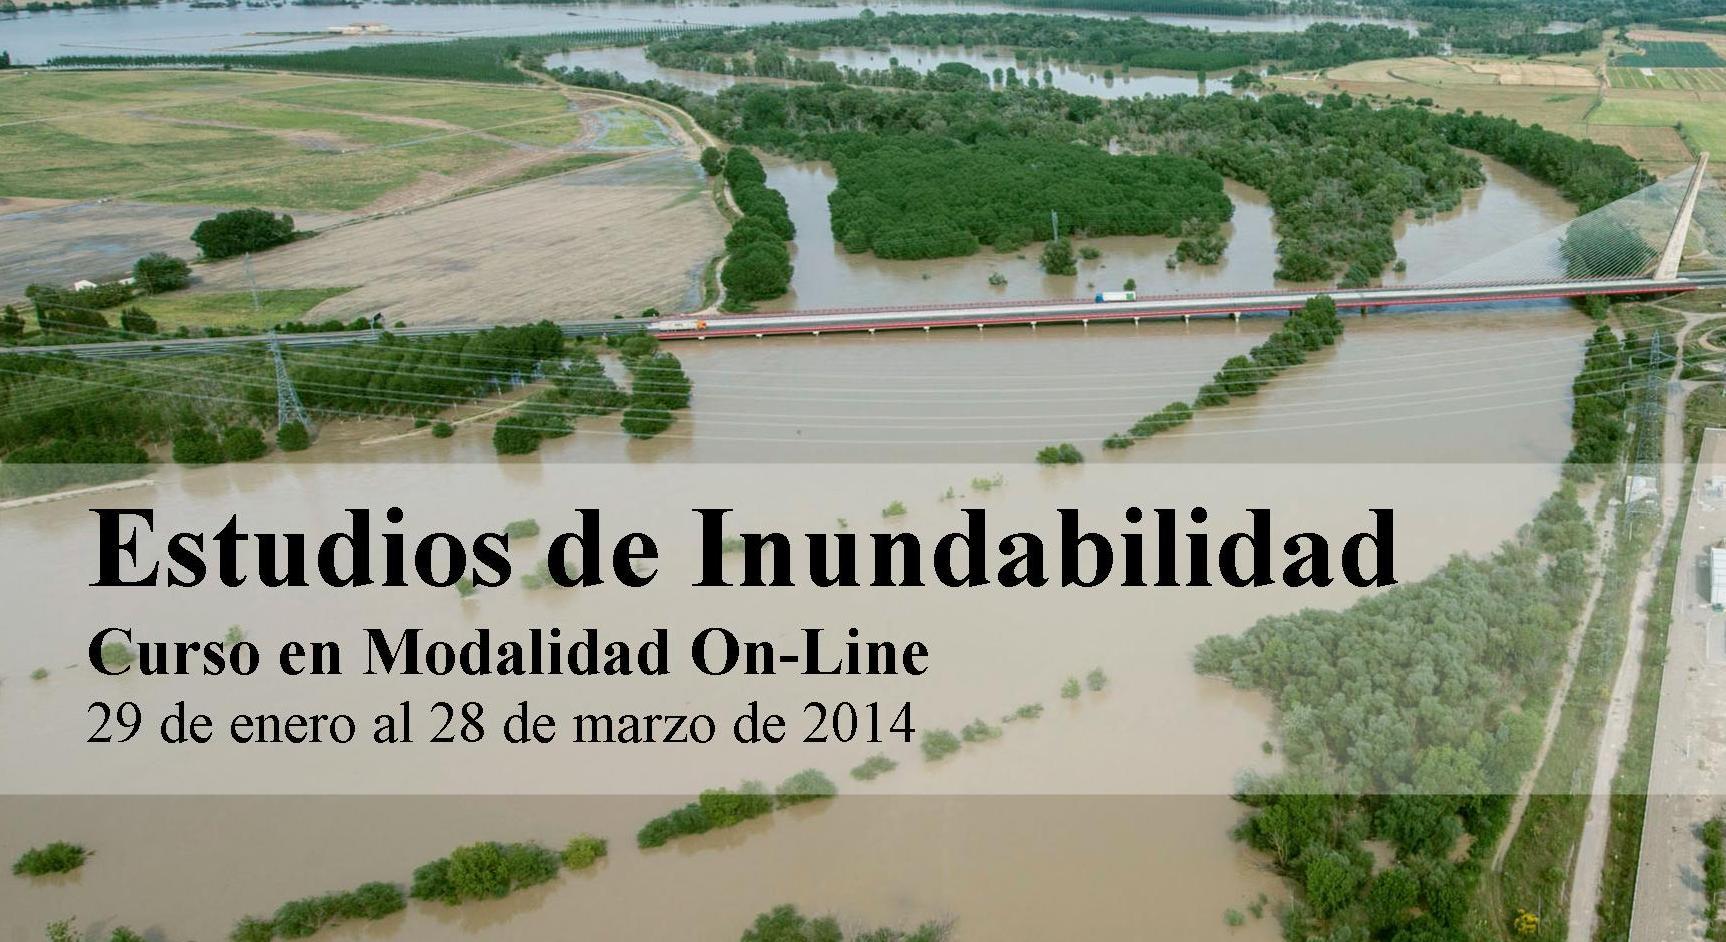 Cursos Estudios Inundabilidad